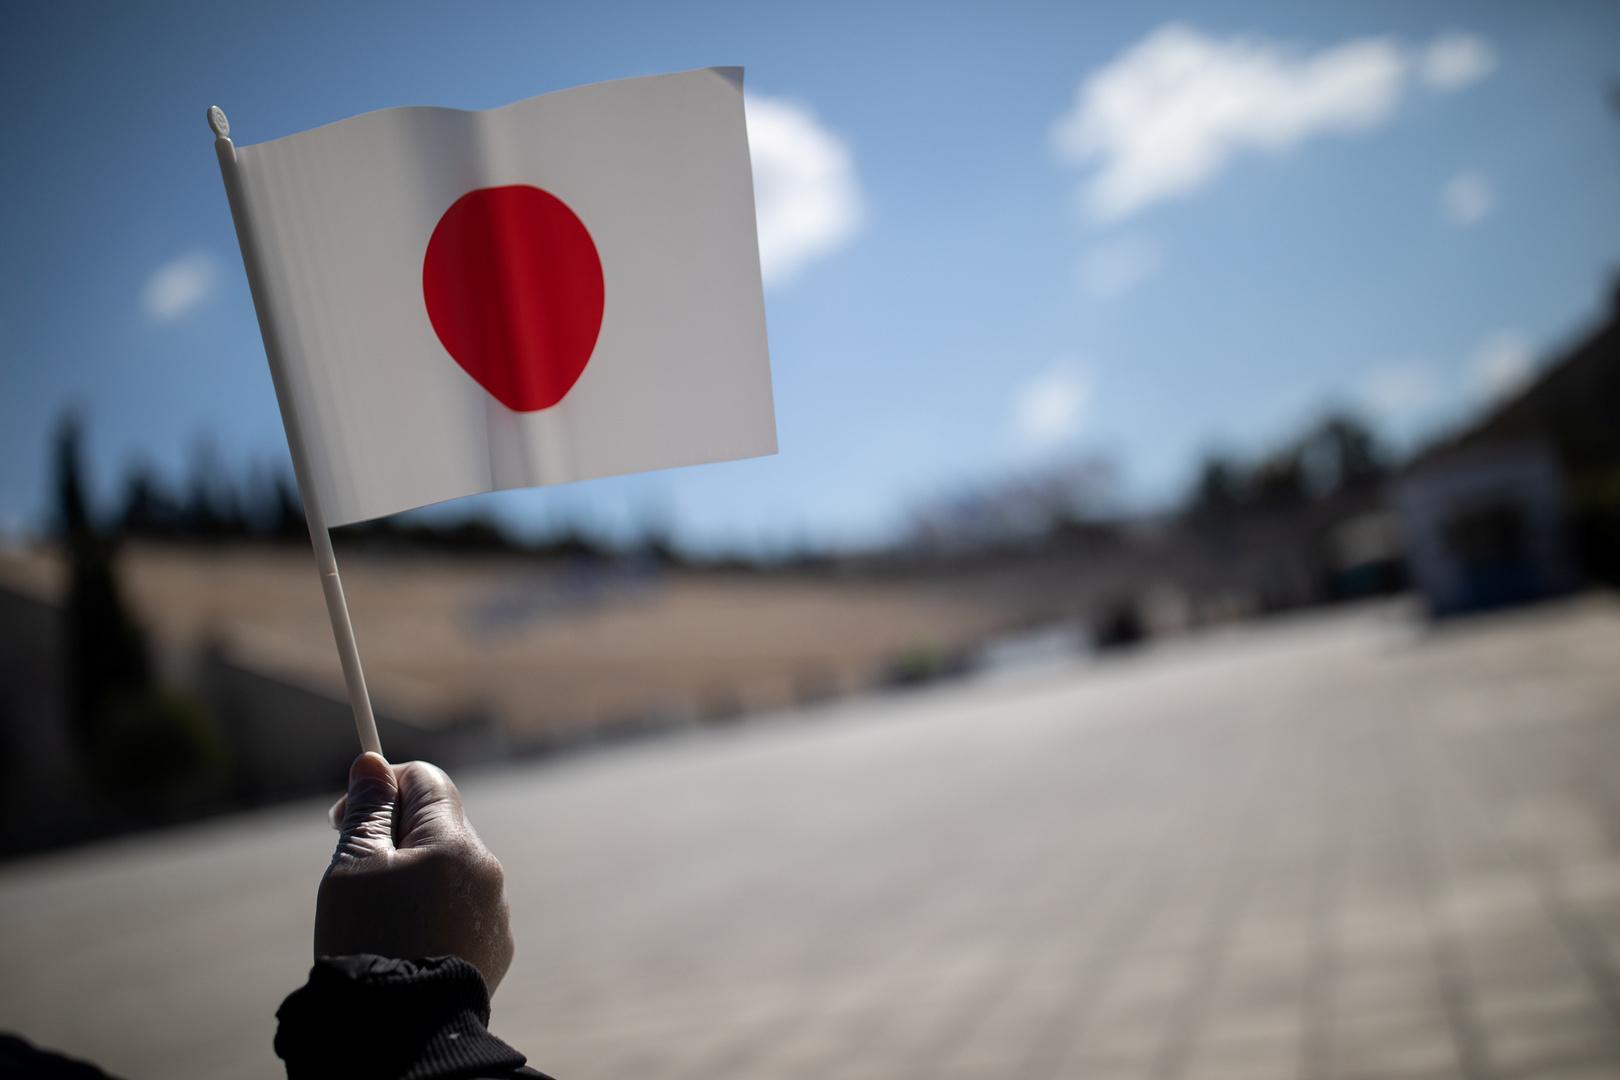 واشنطن تحذر رعاياها من السفر لليابان